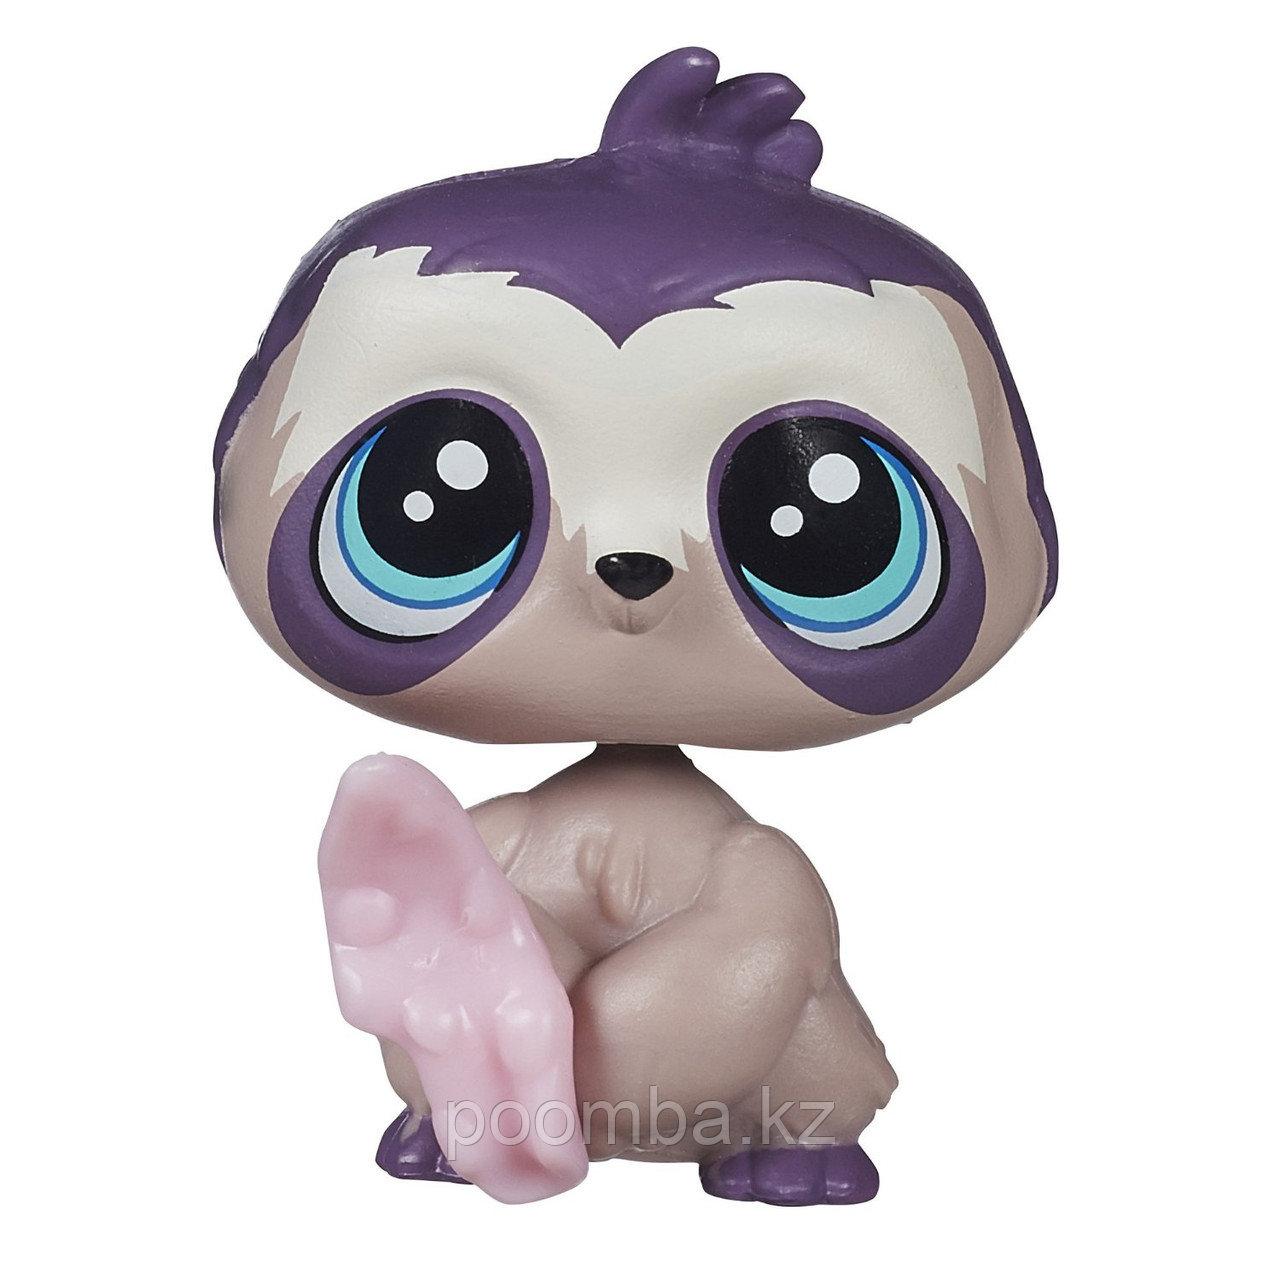 Зверушка Littlest Pet Shop - Ленивец с жвачкой